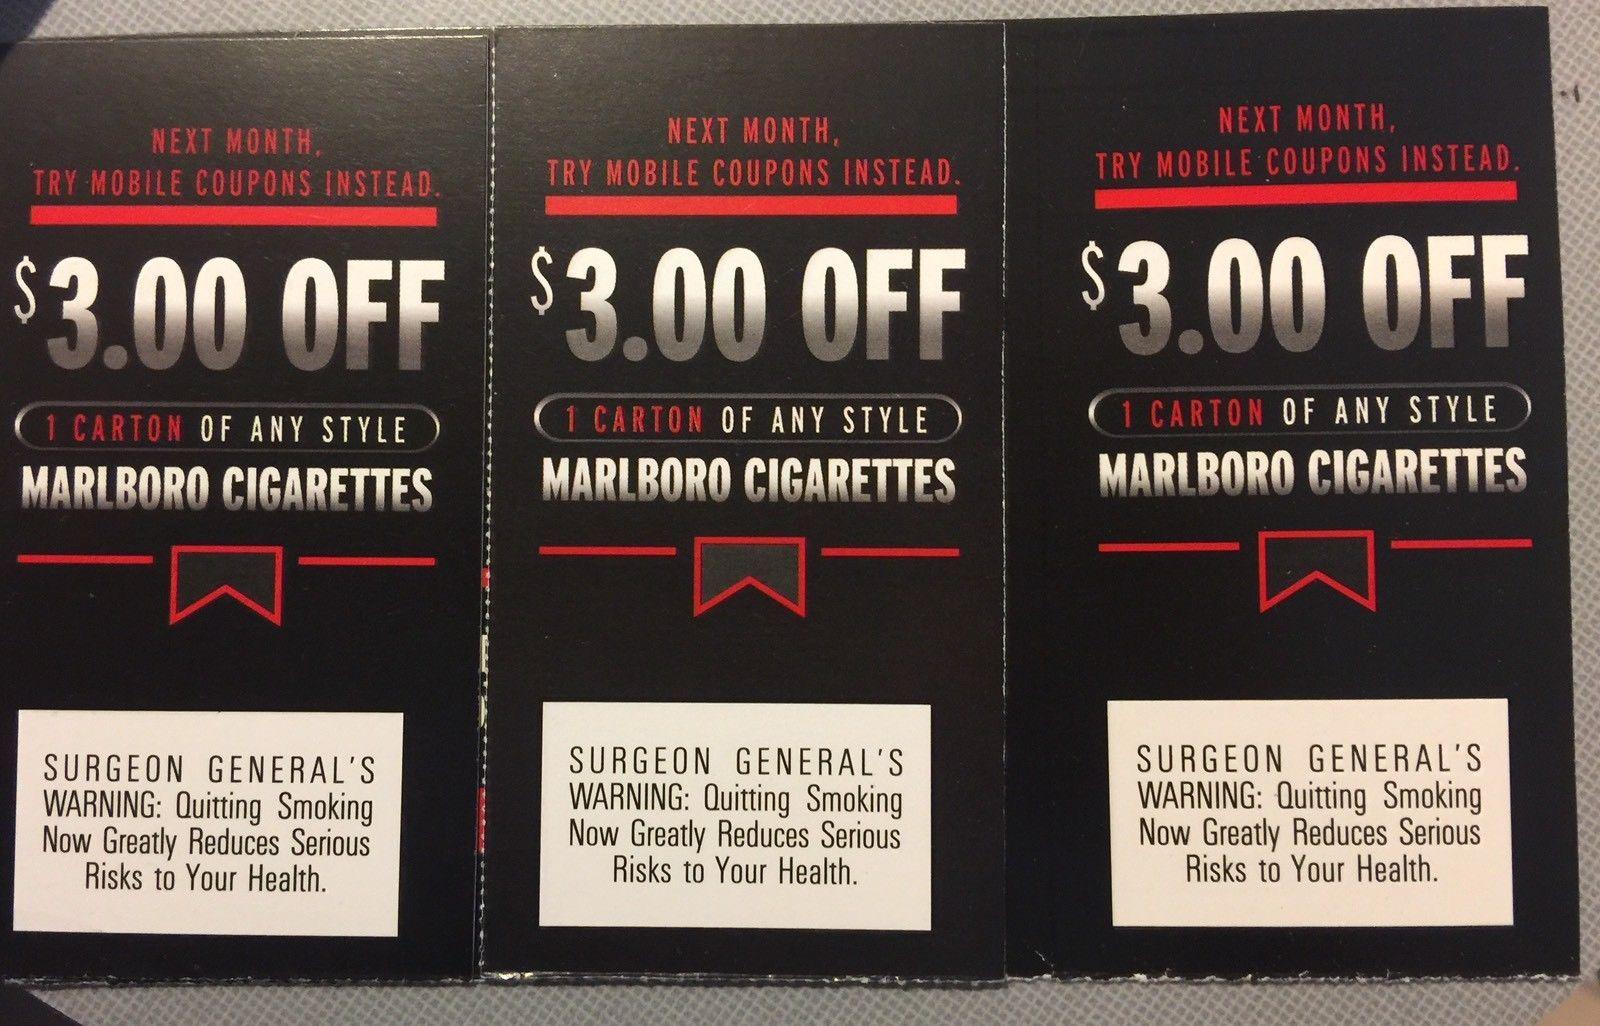 Marlboro Free Gift